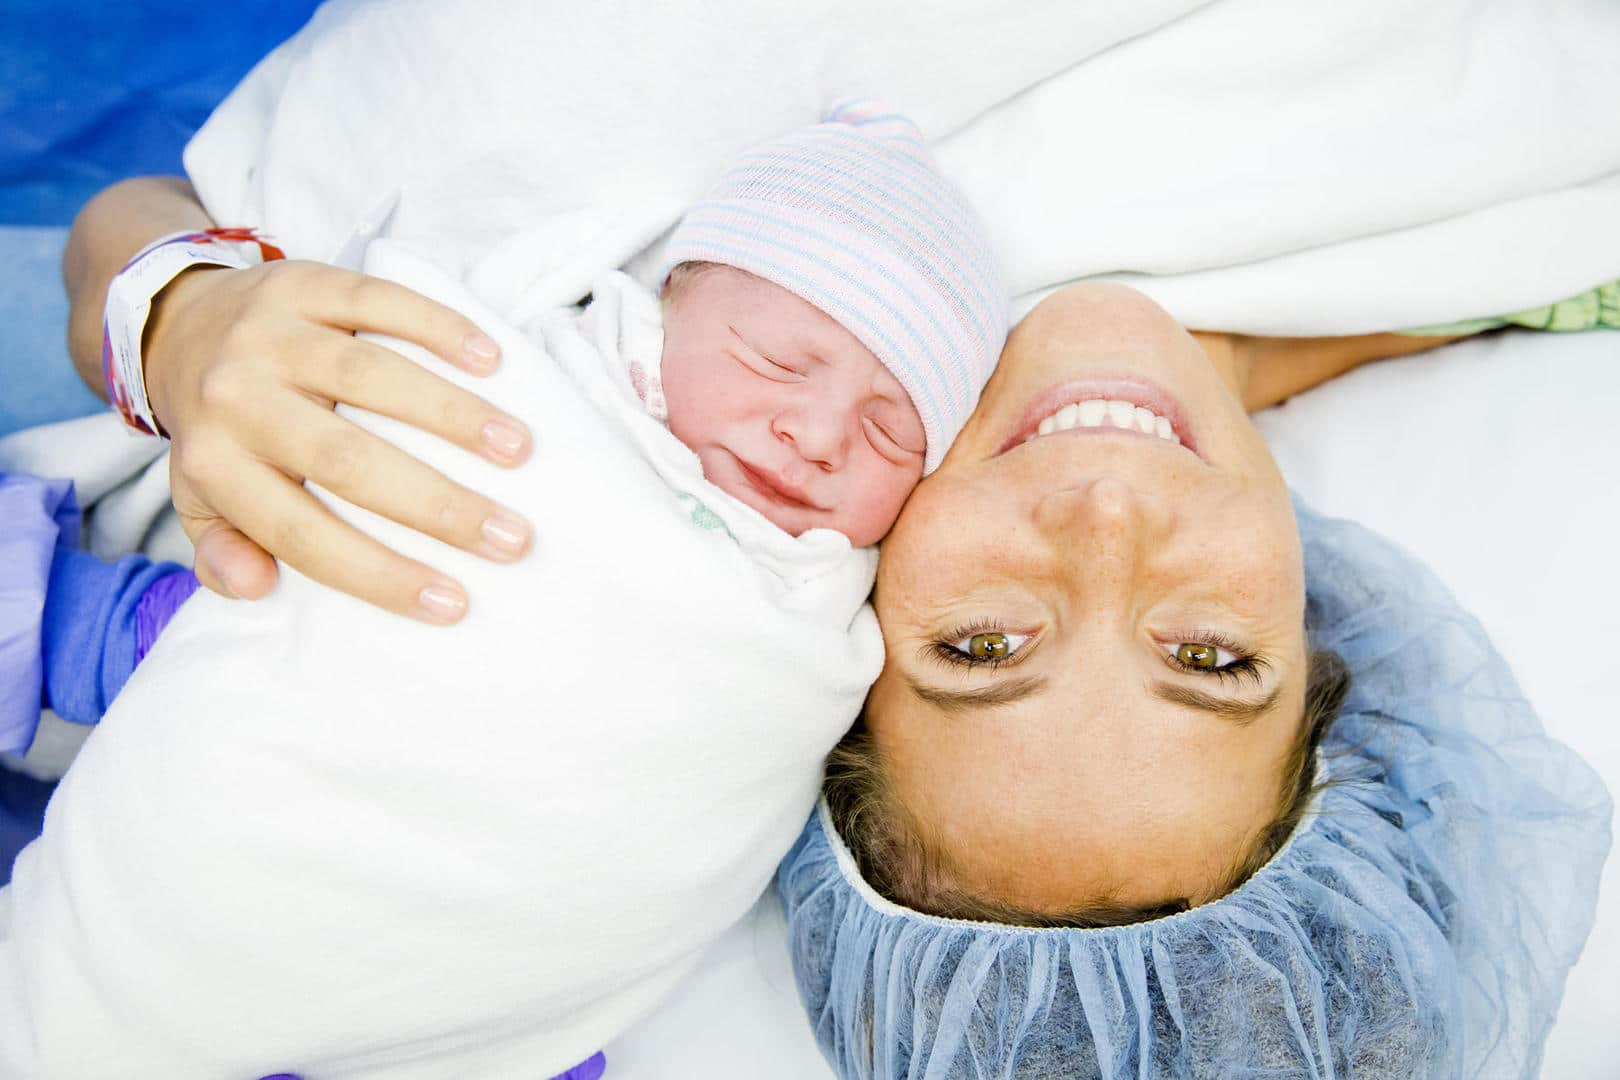 الحالة النفسية بعد الولادة القيصرية